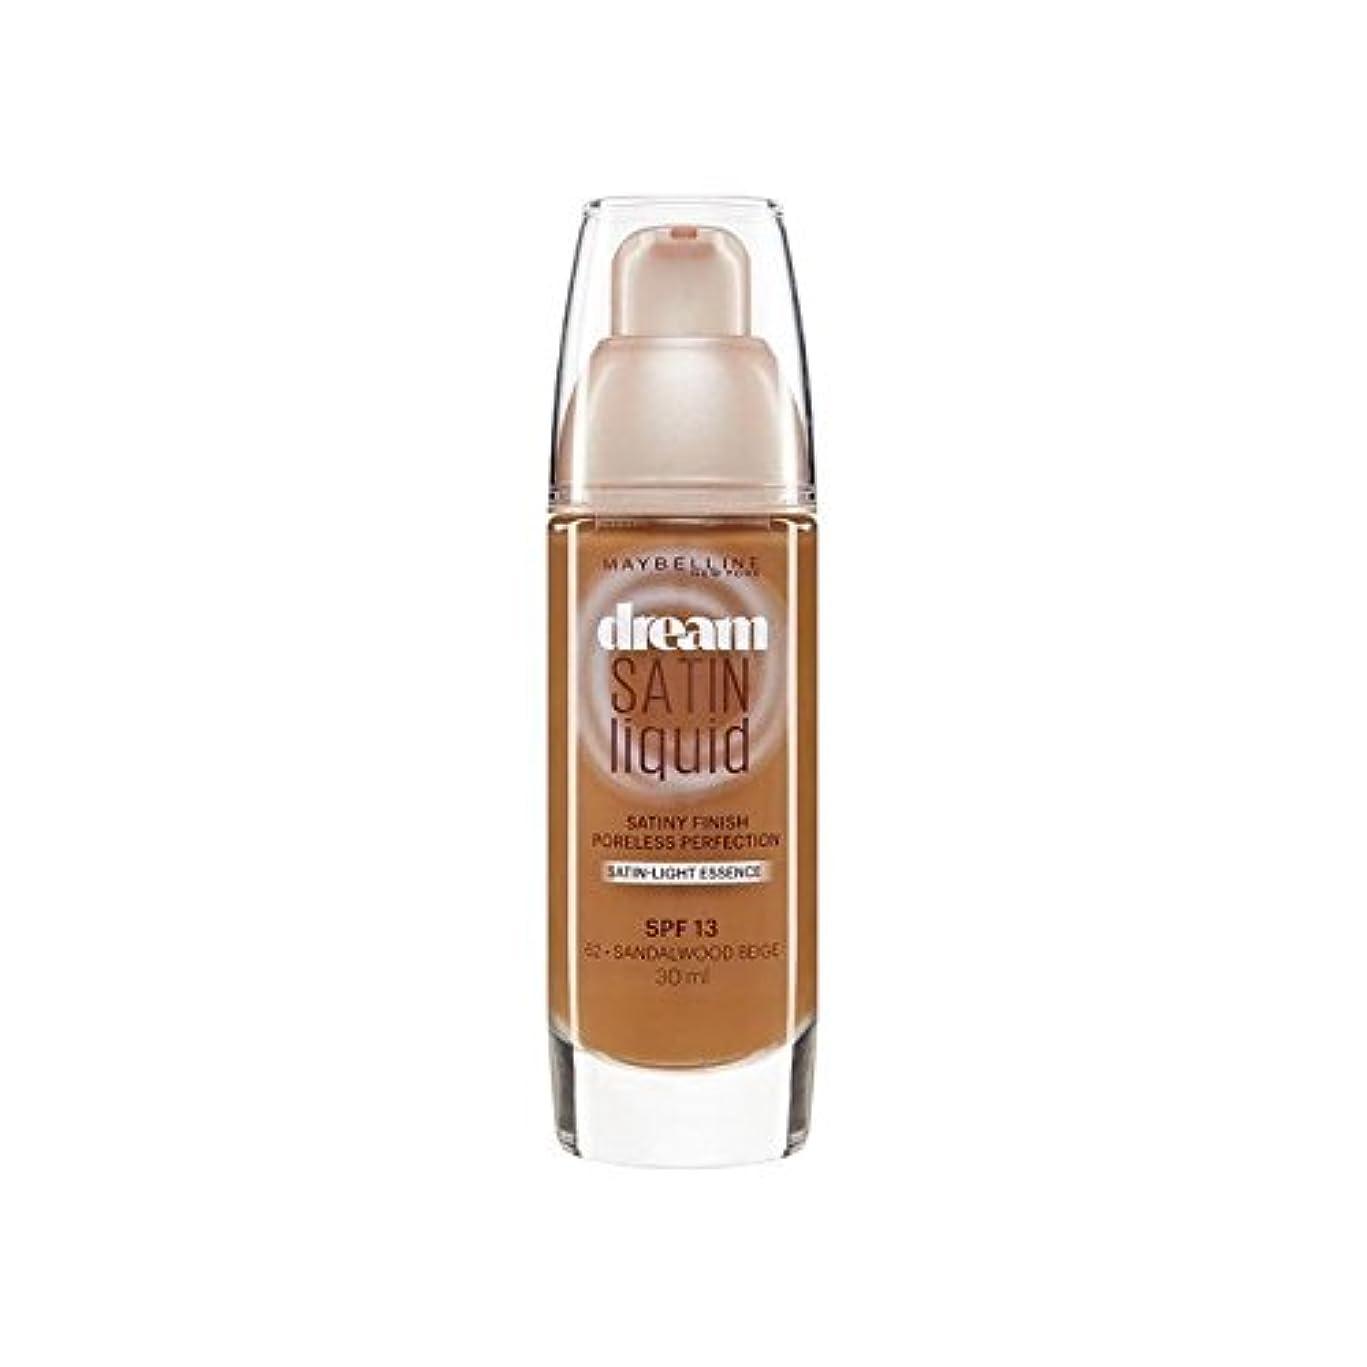 差し控える謝罪するネックレットメイベリン夢サテンリキッドファンデーション64深いスパイス30ミリリットル x4 - Maybelline Dream Satin Liquid Foundation 64 Deep Spice 30ml (Pack of 4) [並行輸入品]